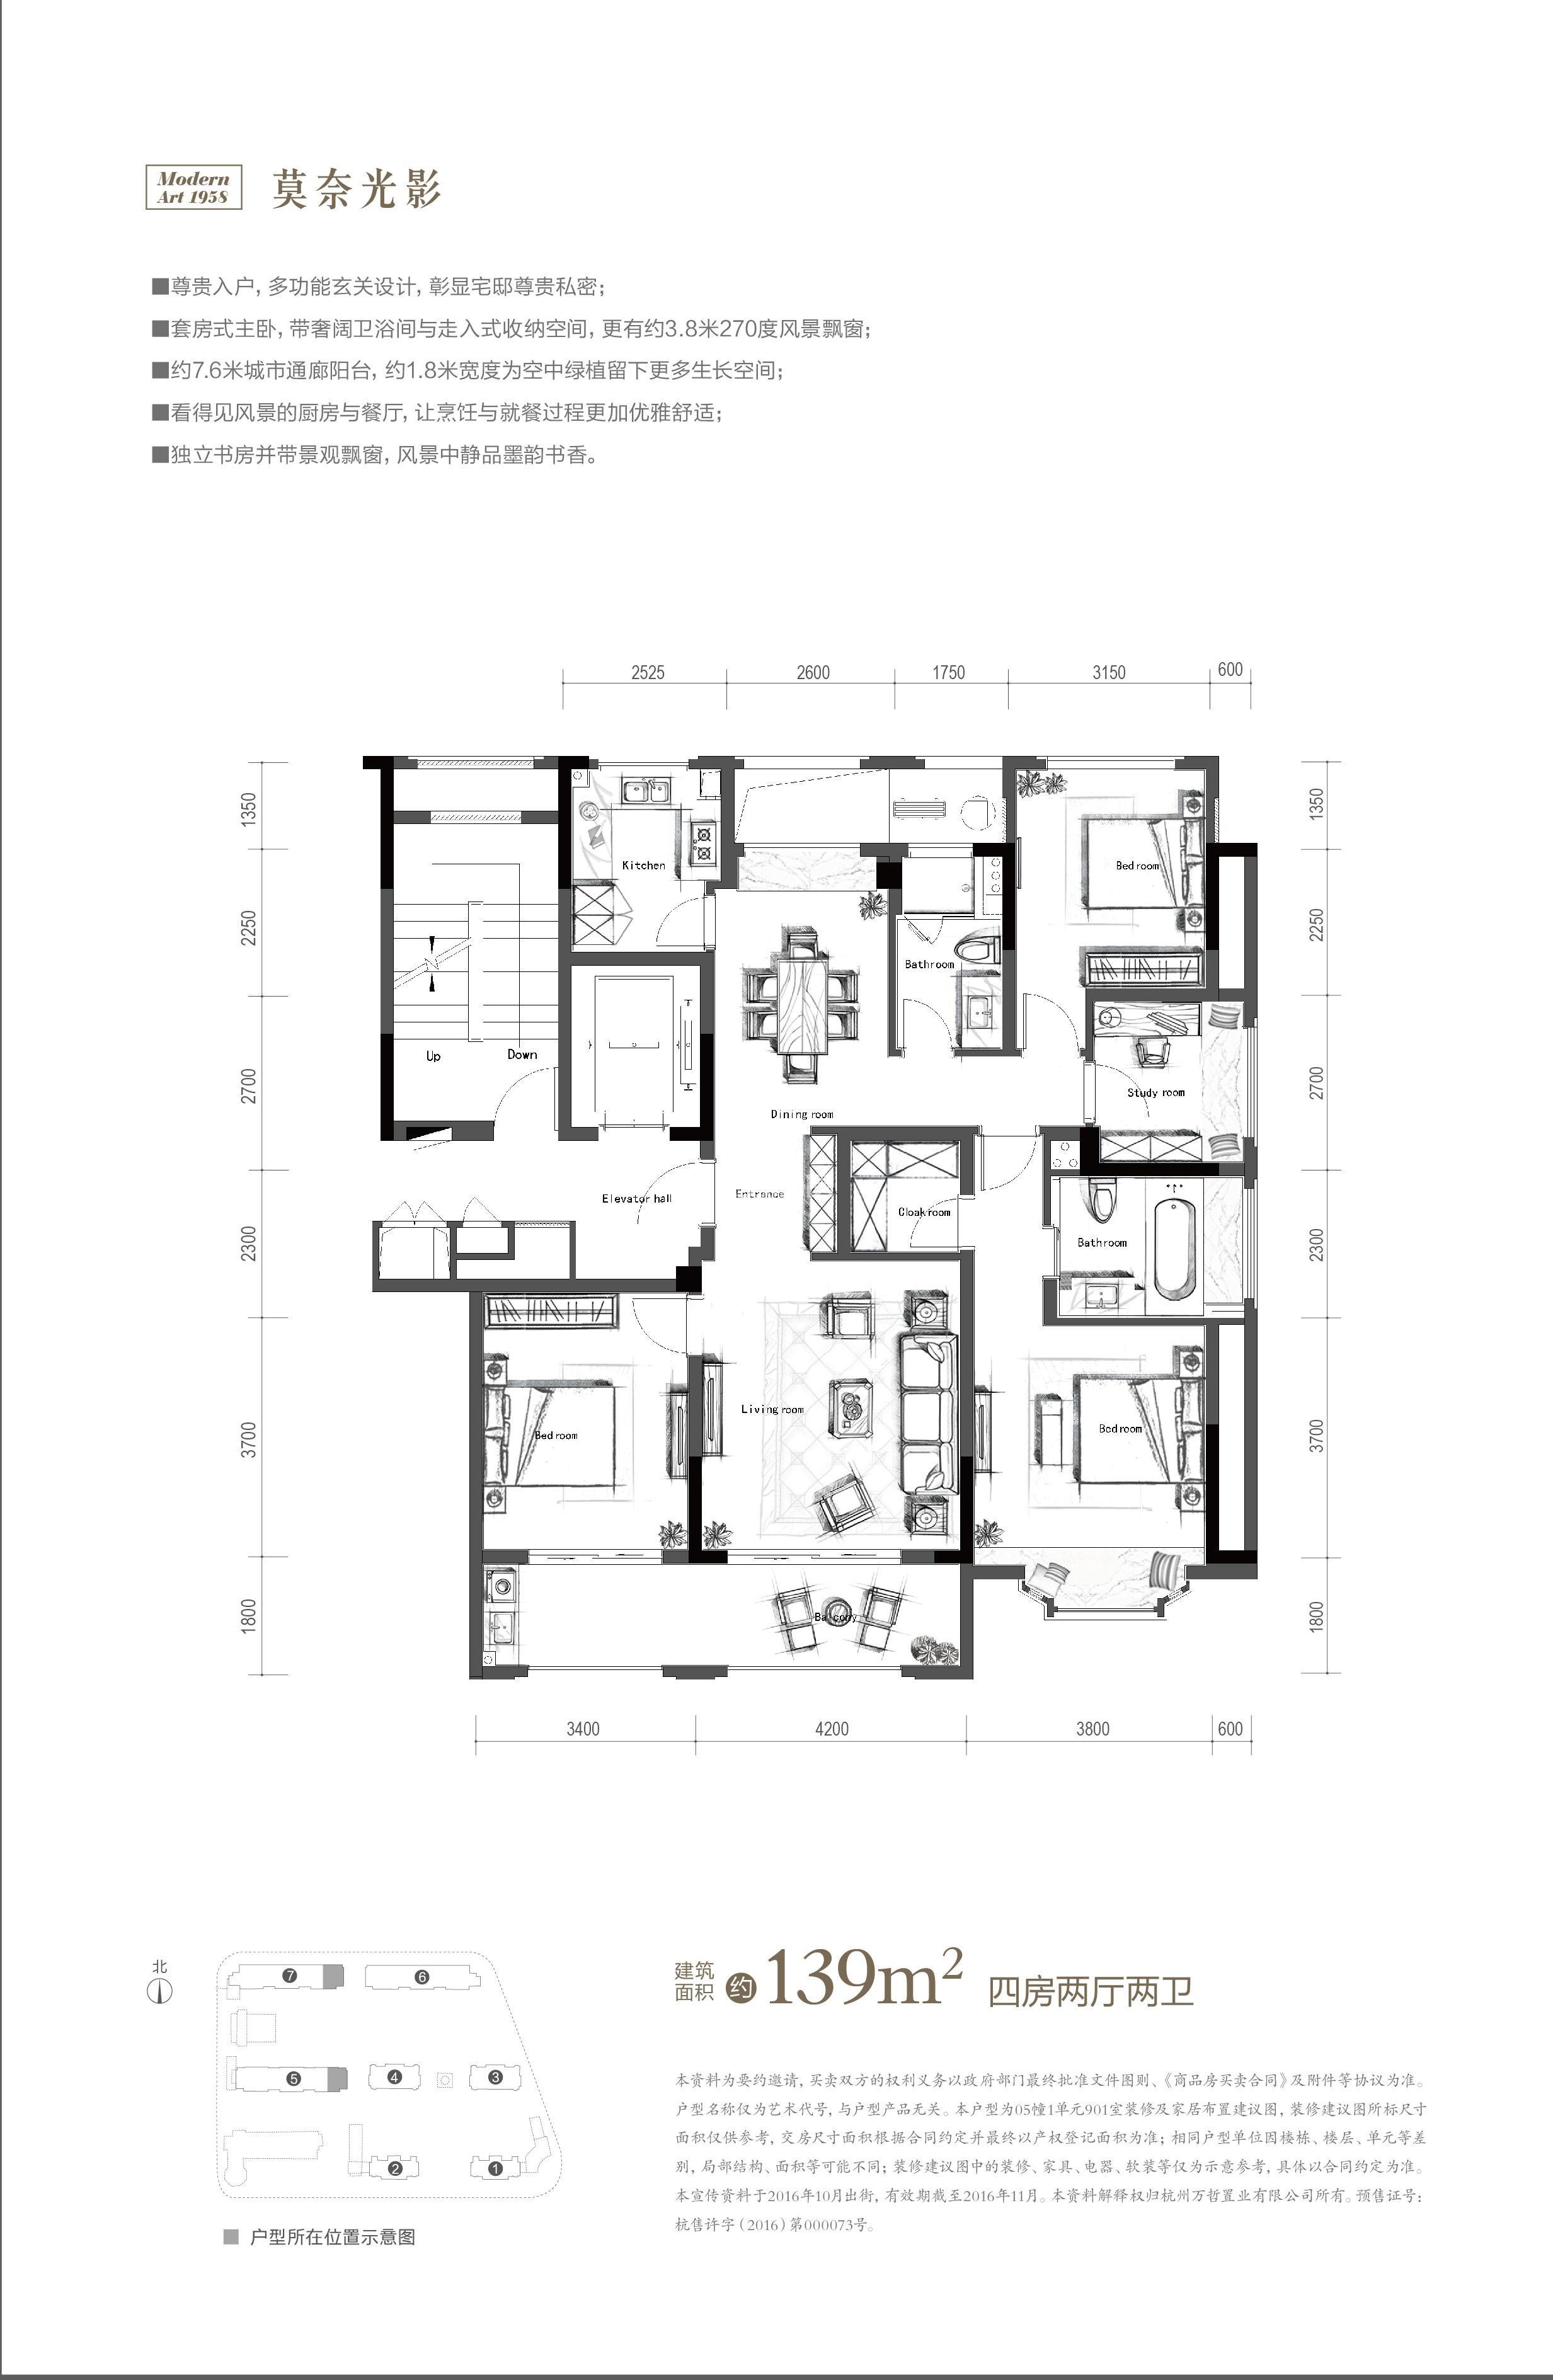 万科新都会1958项目5、7号楼边套【莫奈光影】户型 139㎡